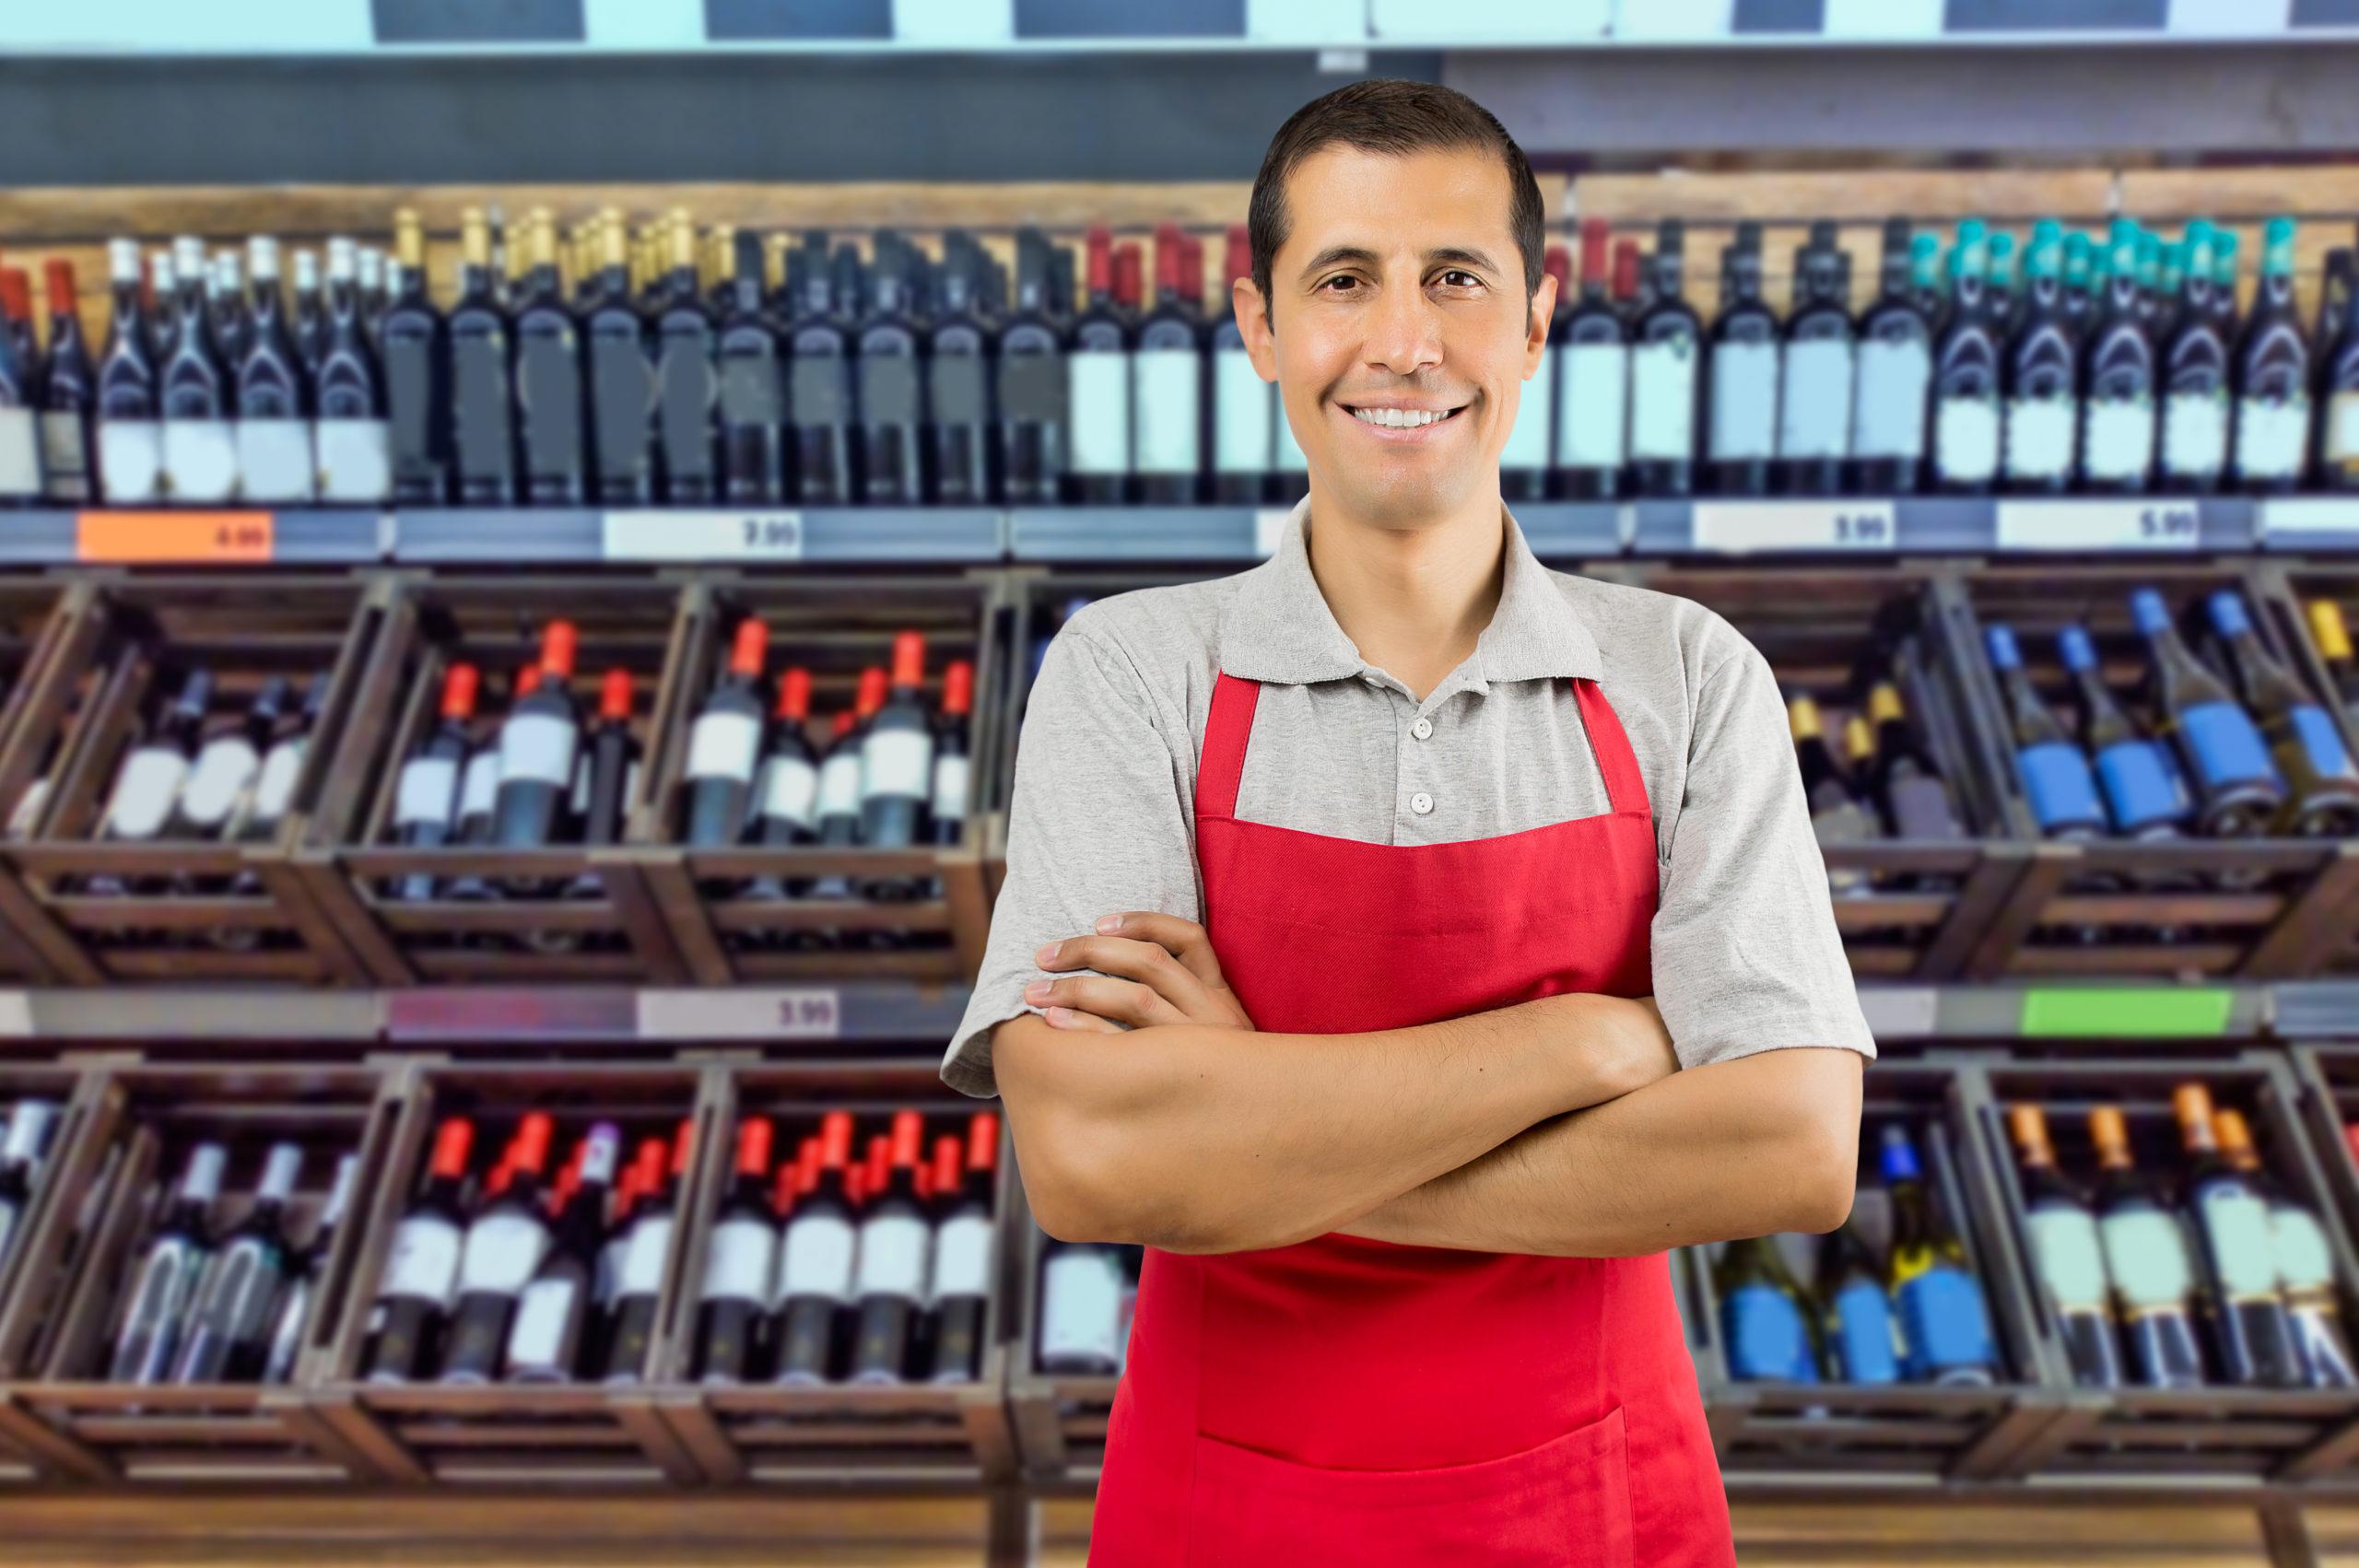 Getränkemarkt Mitarbeiter